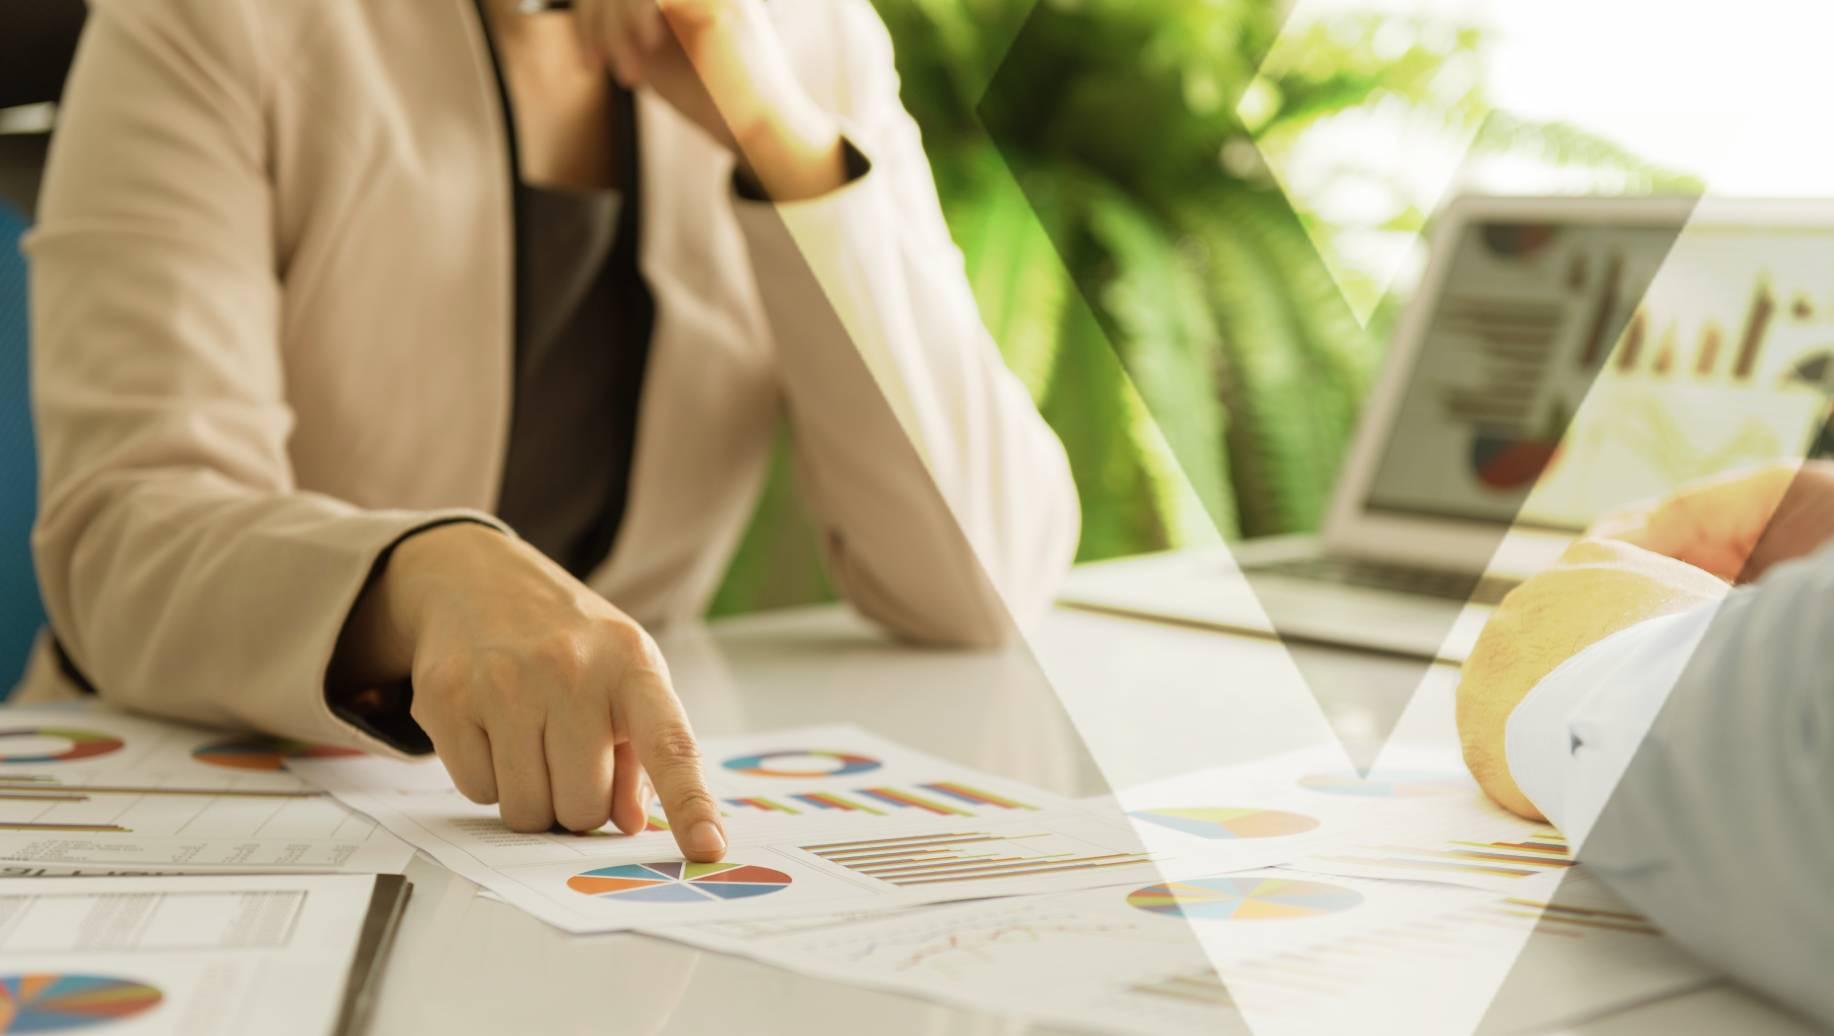 Business Enterprise Value—What Is It?